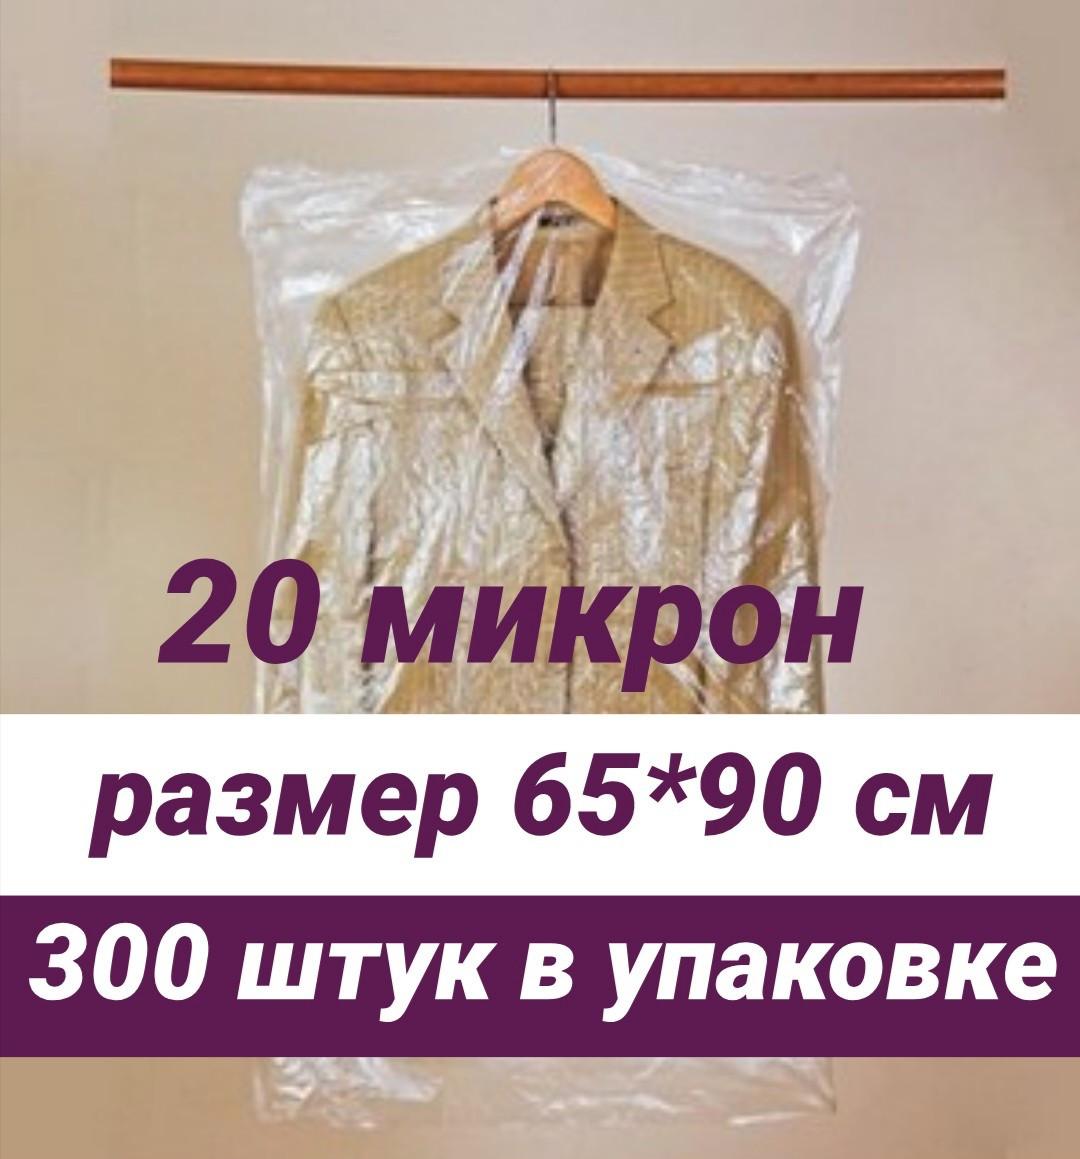 Размер 65*90 см, 300 шт в упаковке.Чехлы для одежды полиэтиленовые, толщина 20 микрон